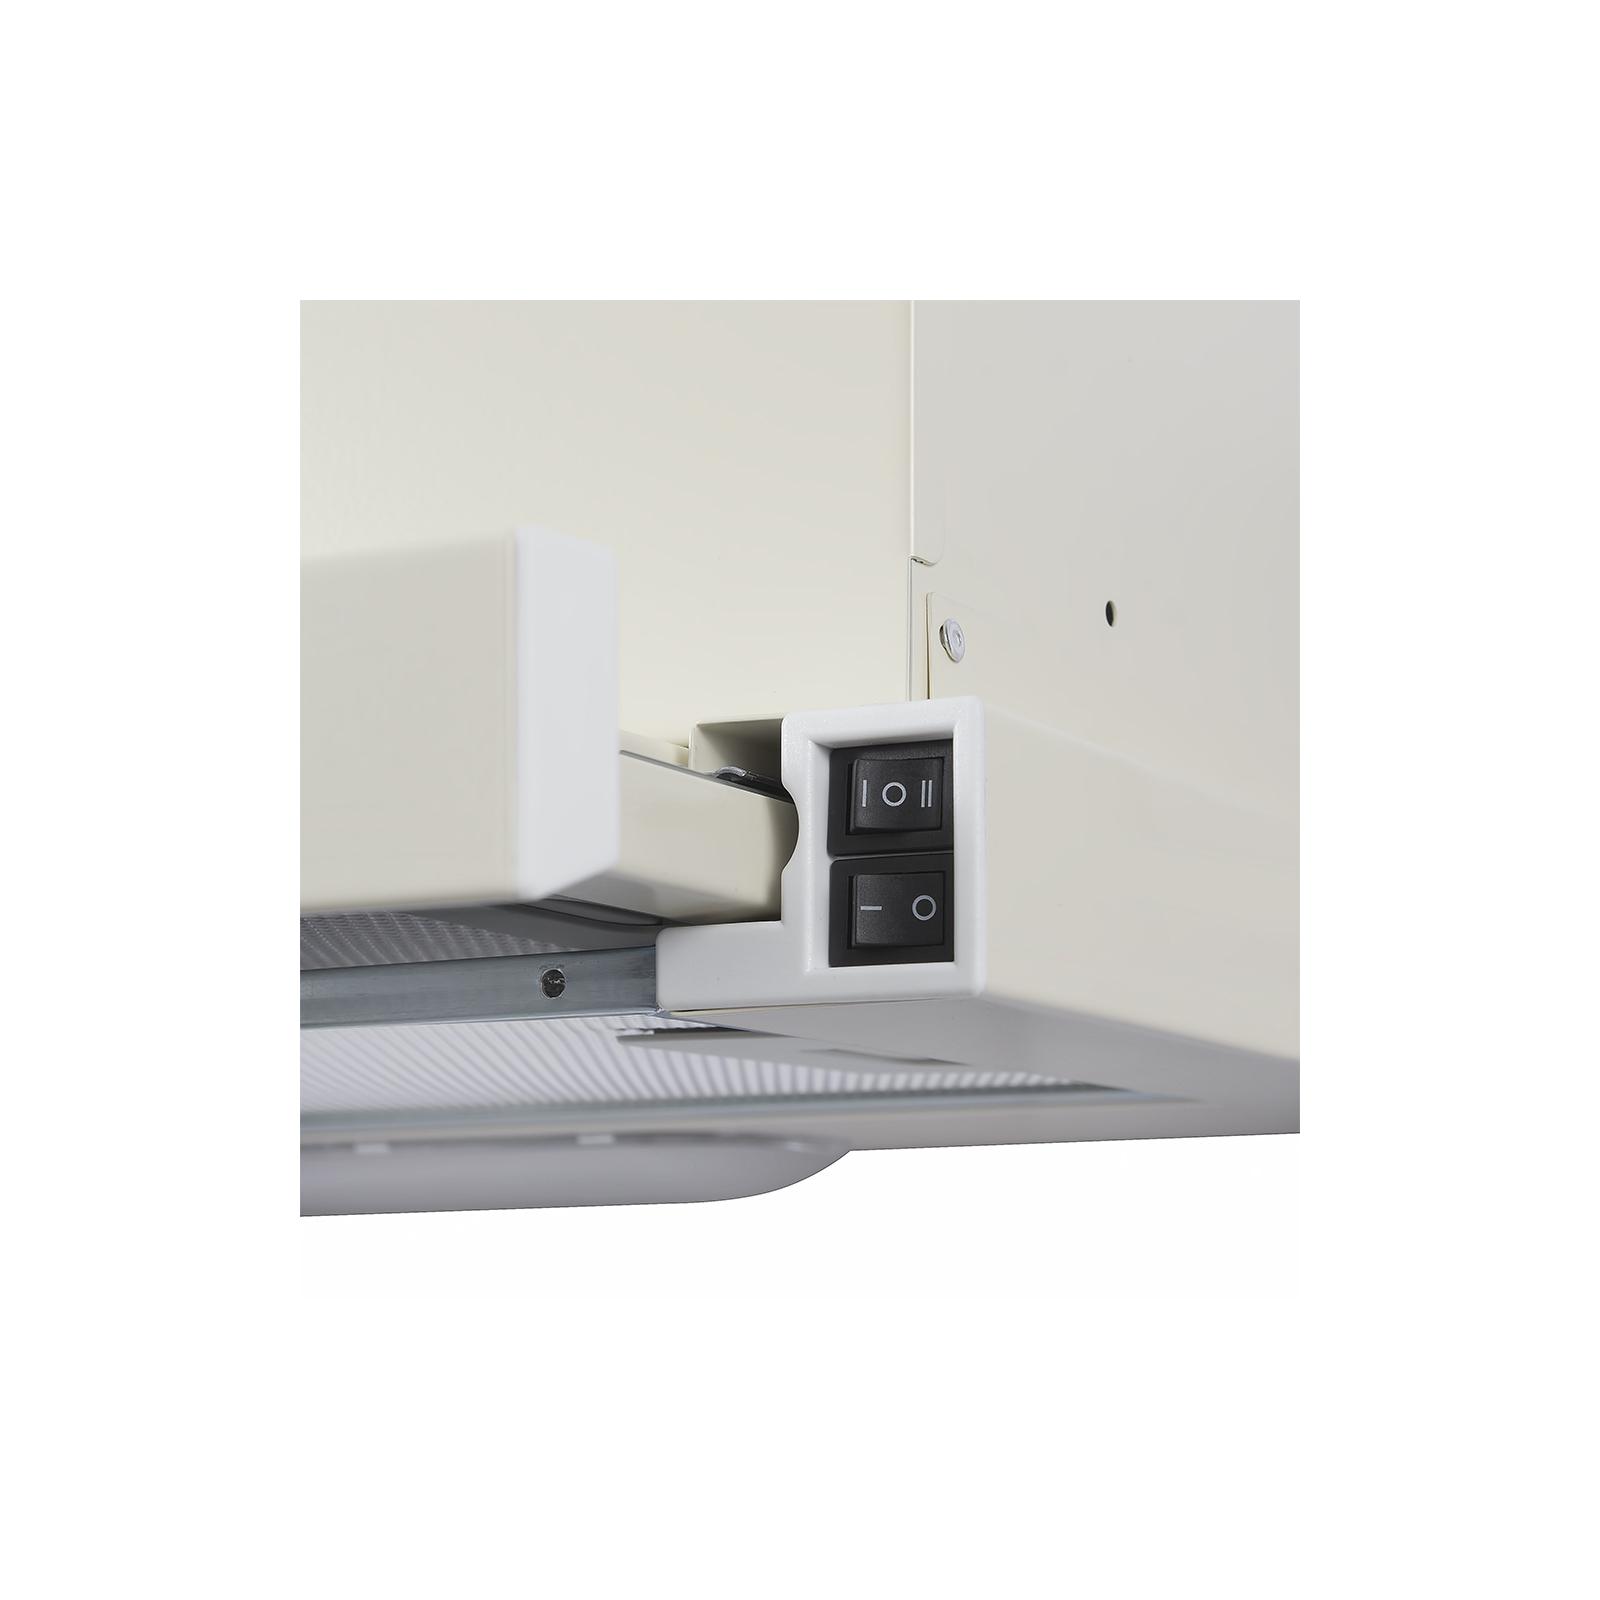 Вытяжка кухонная PERFELLI TL 5207 IV изображение 3